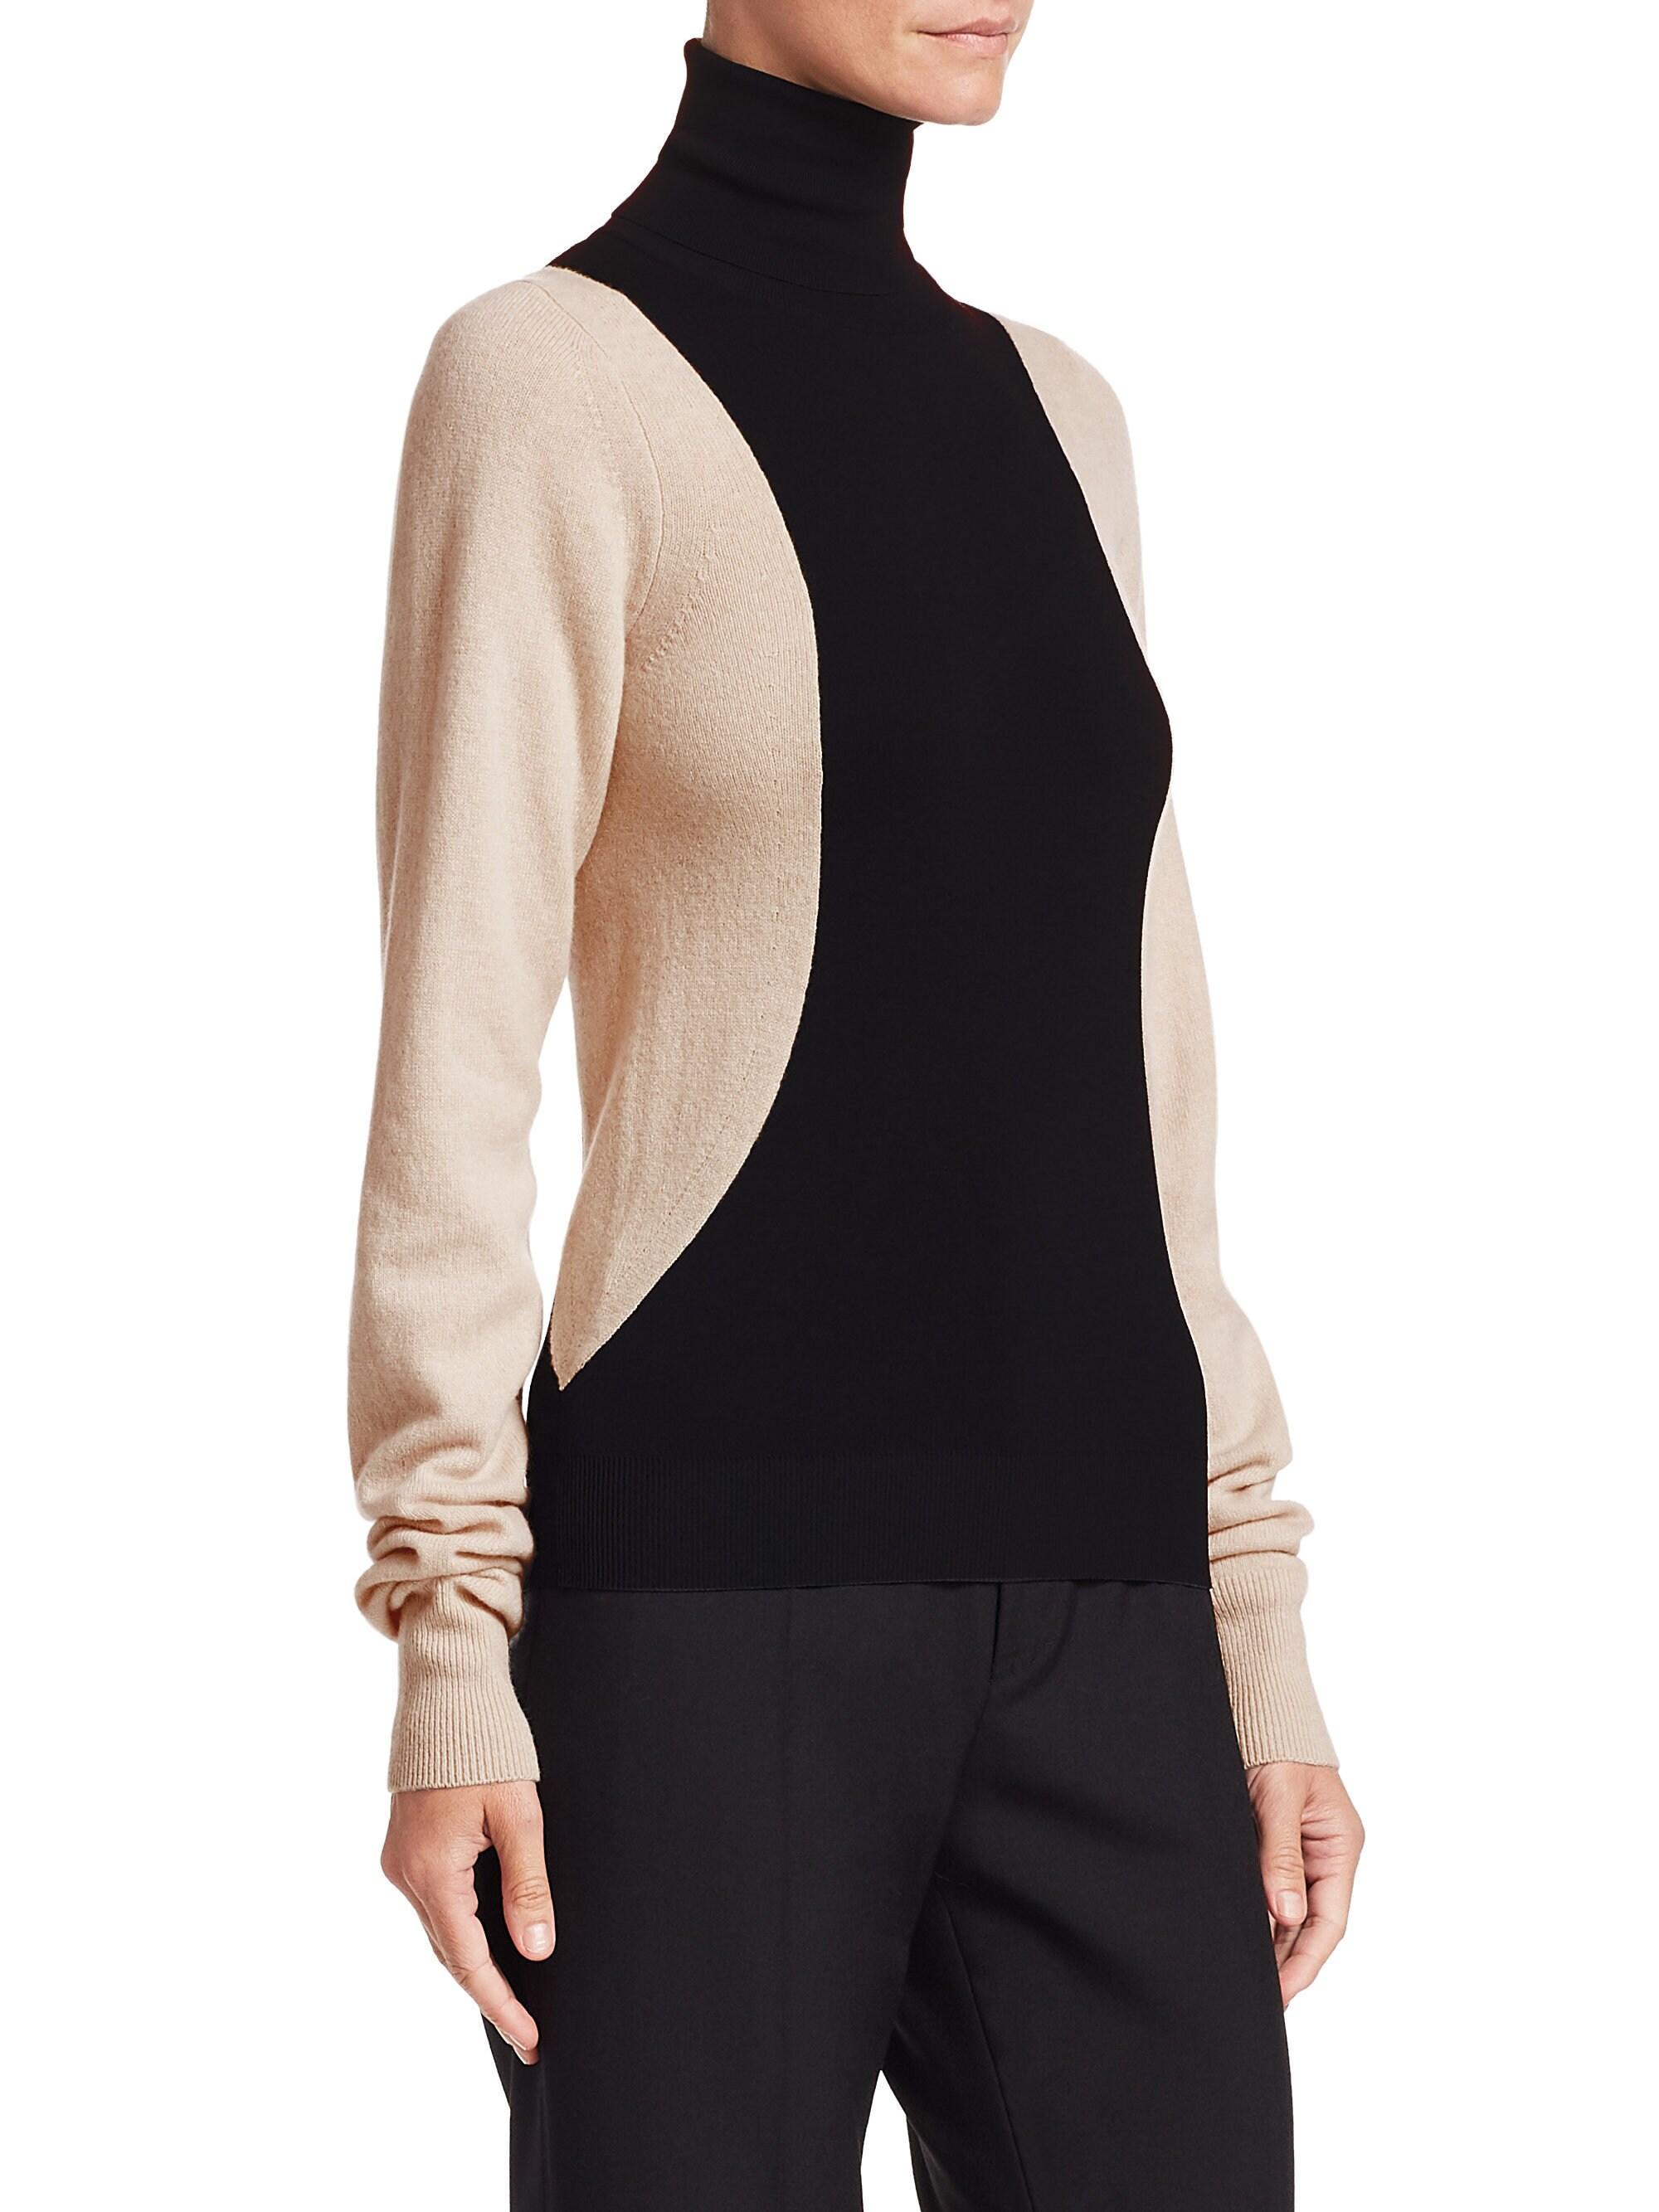 506ef665121 Helmut Lang Colour Block Turtleneck Sweater in Black - Save 48% - Lyst